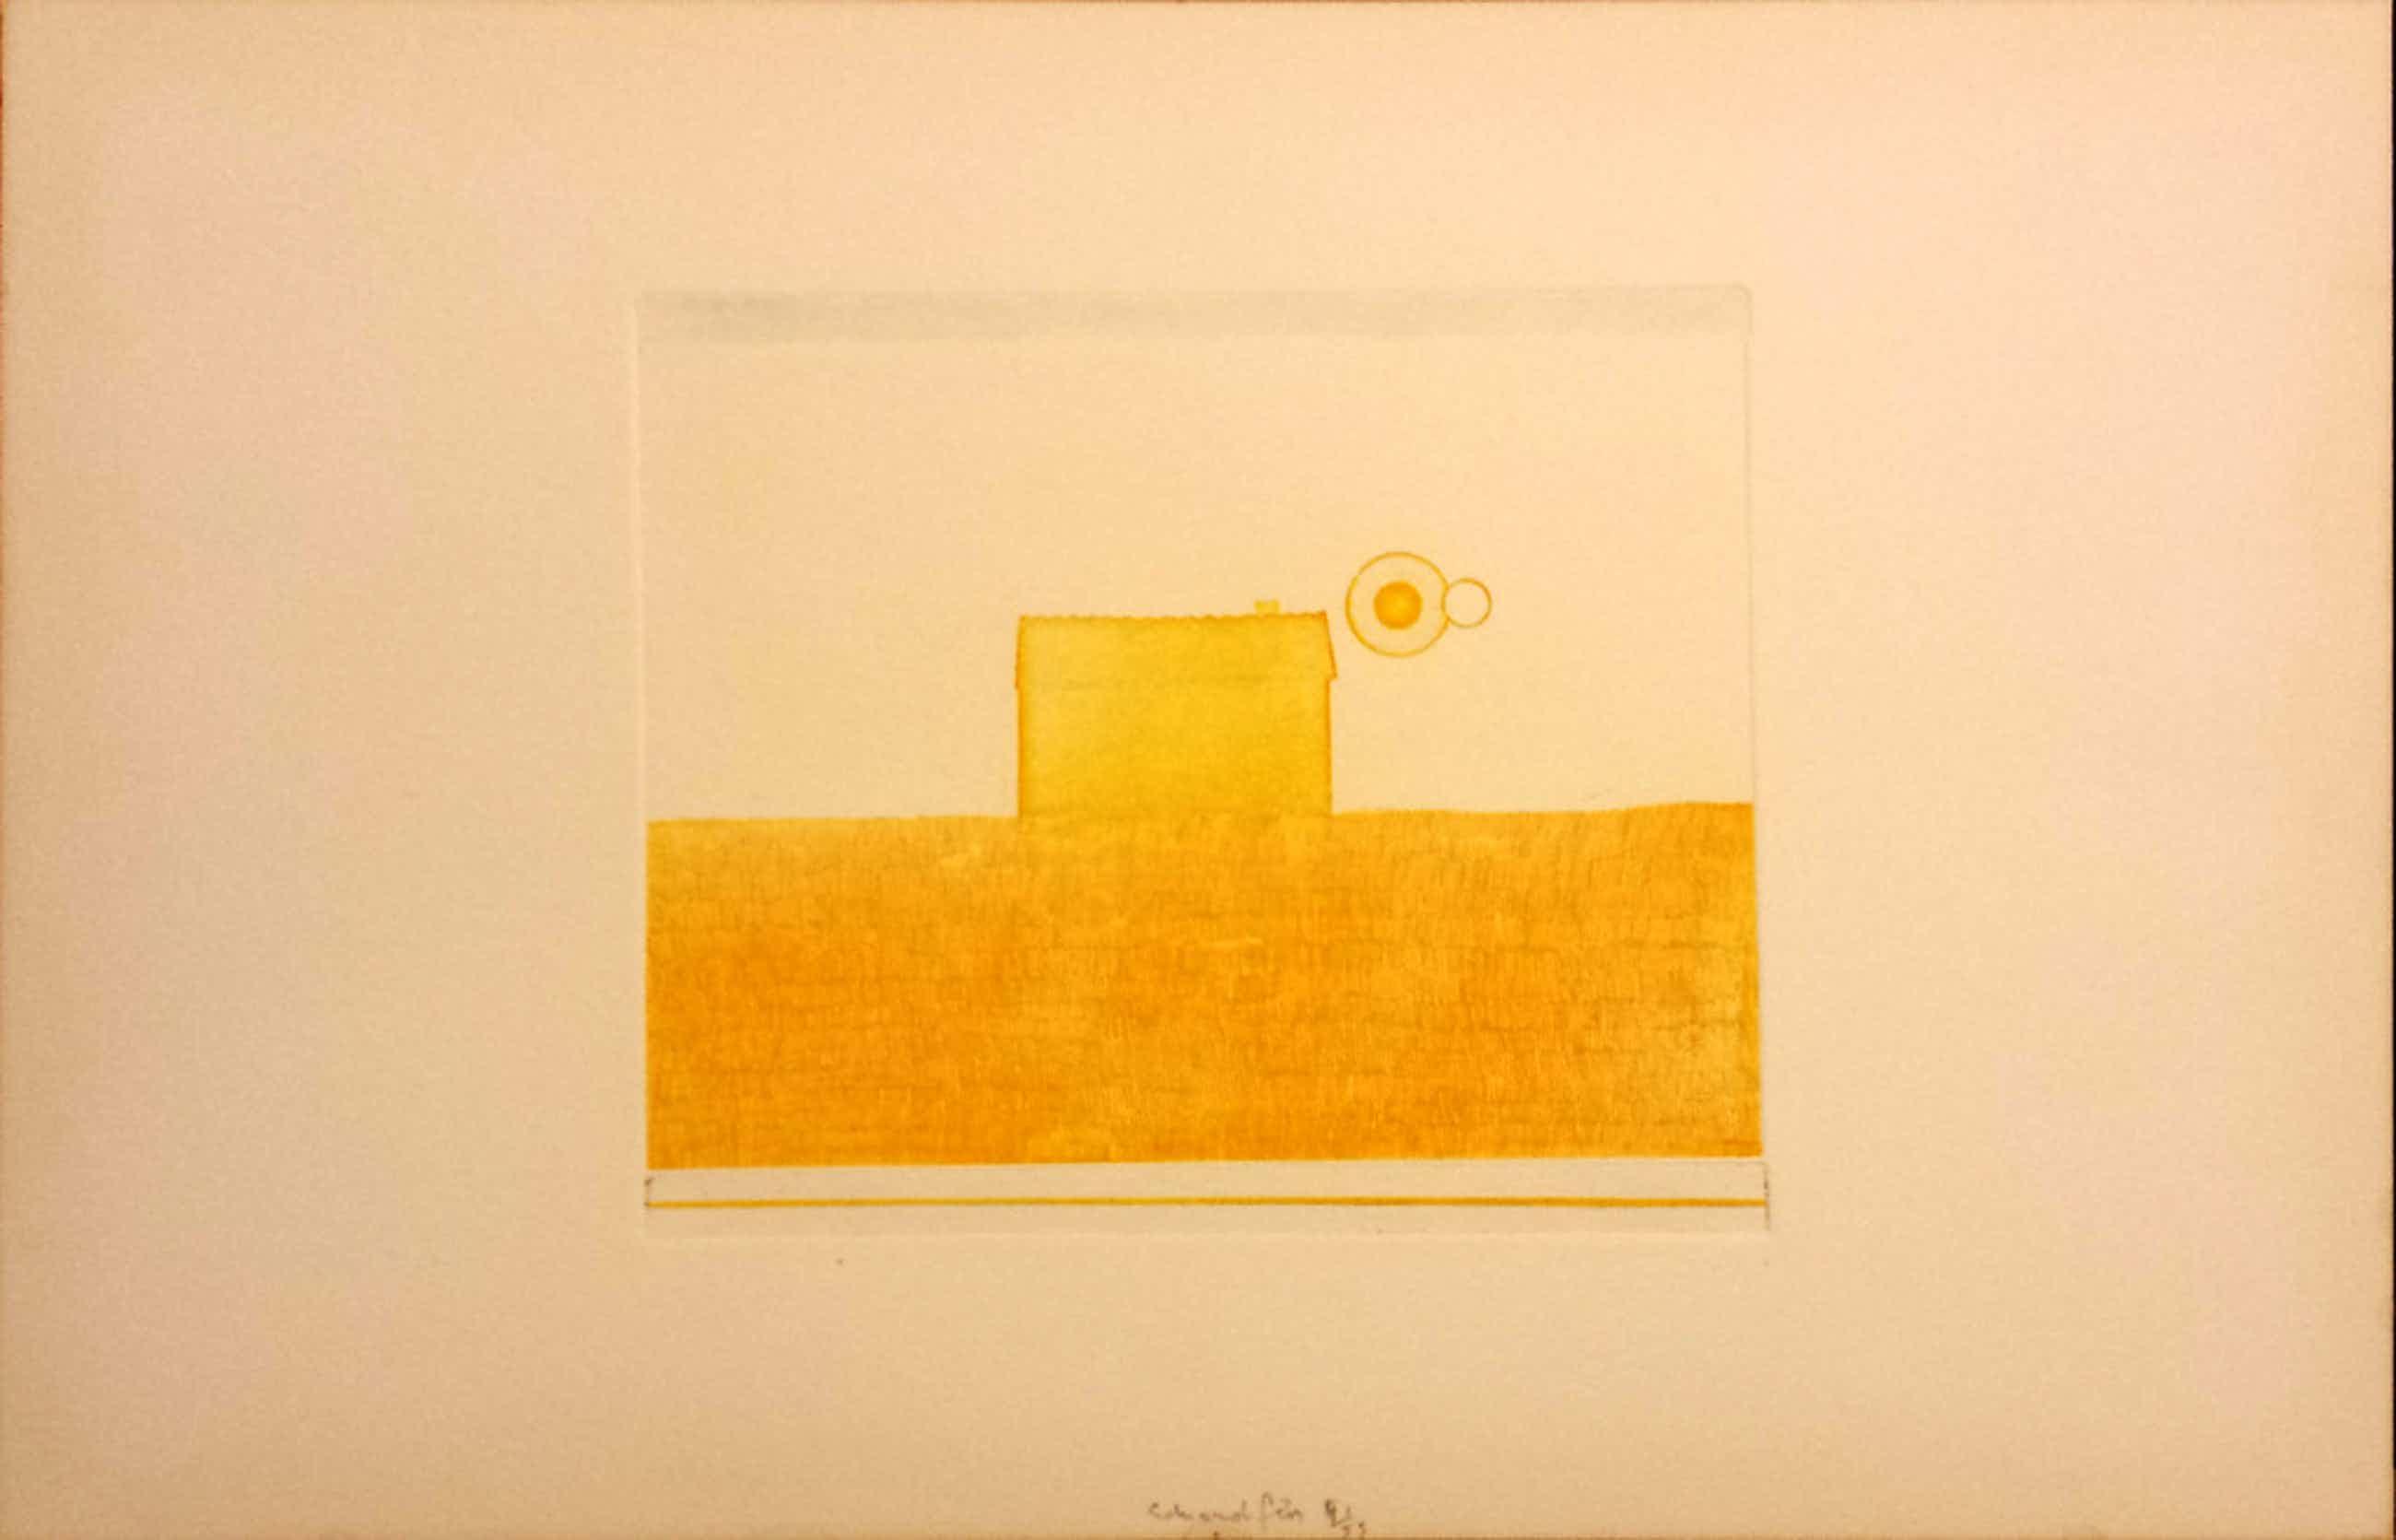 Eduard Flor, Ets nr 6, tijd, 1974 kopen? Bied vanaf 50!